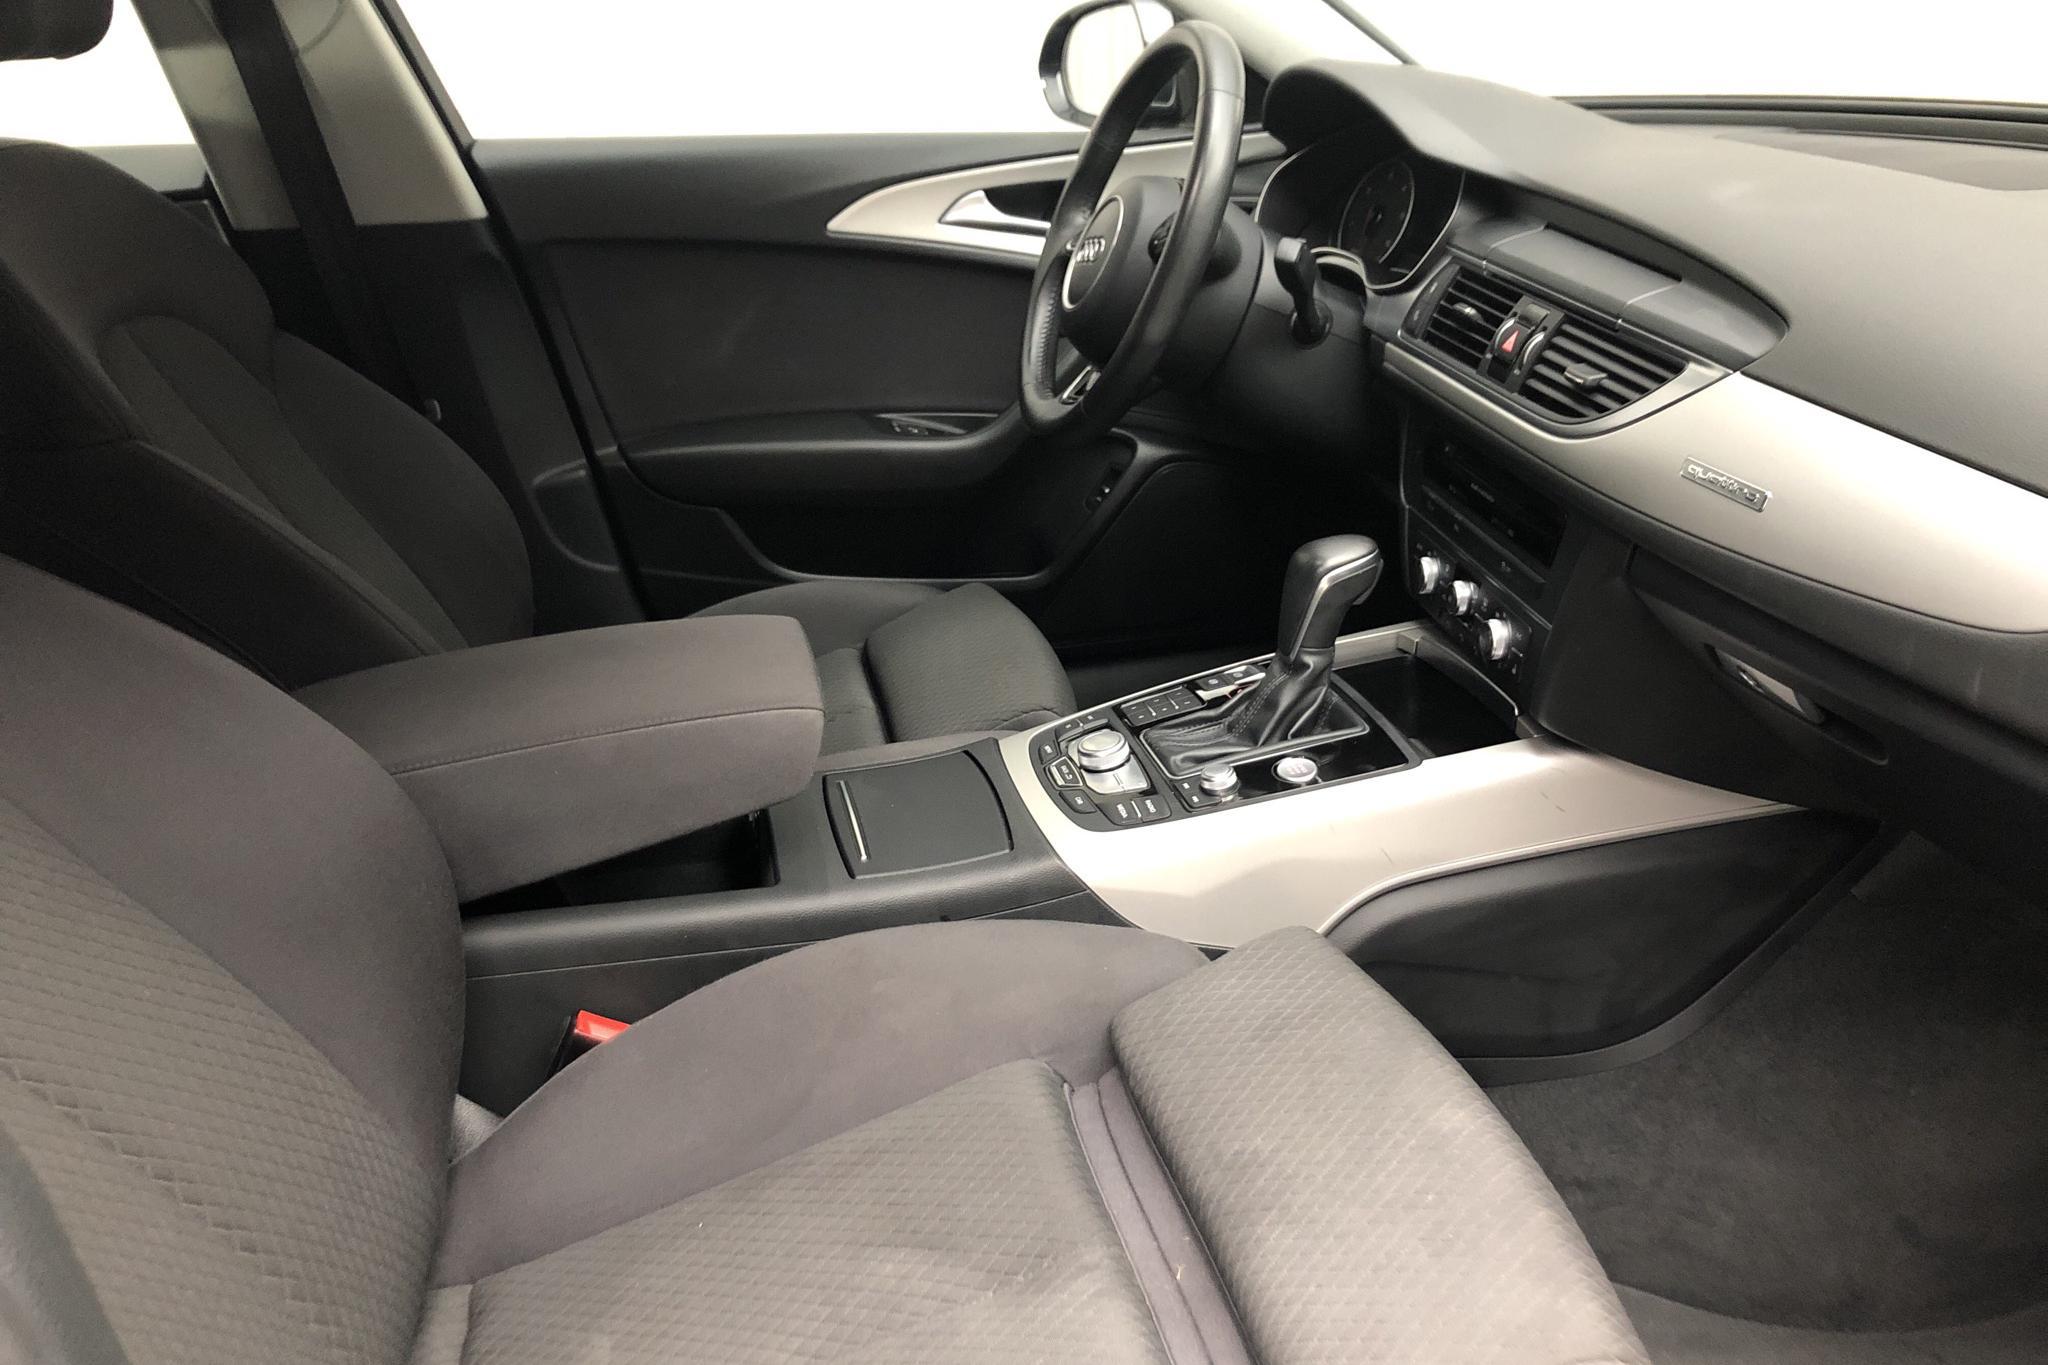 Audi A6 2.0 TDI Avant quattro (190hk) - 12 176 mil - Automat - svart - 2017